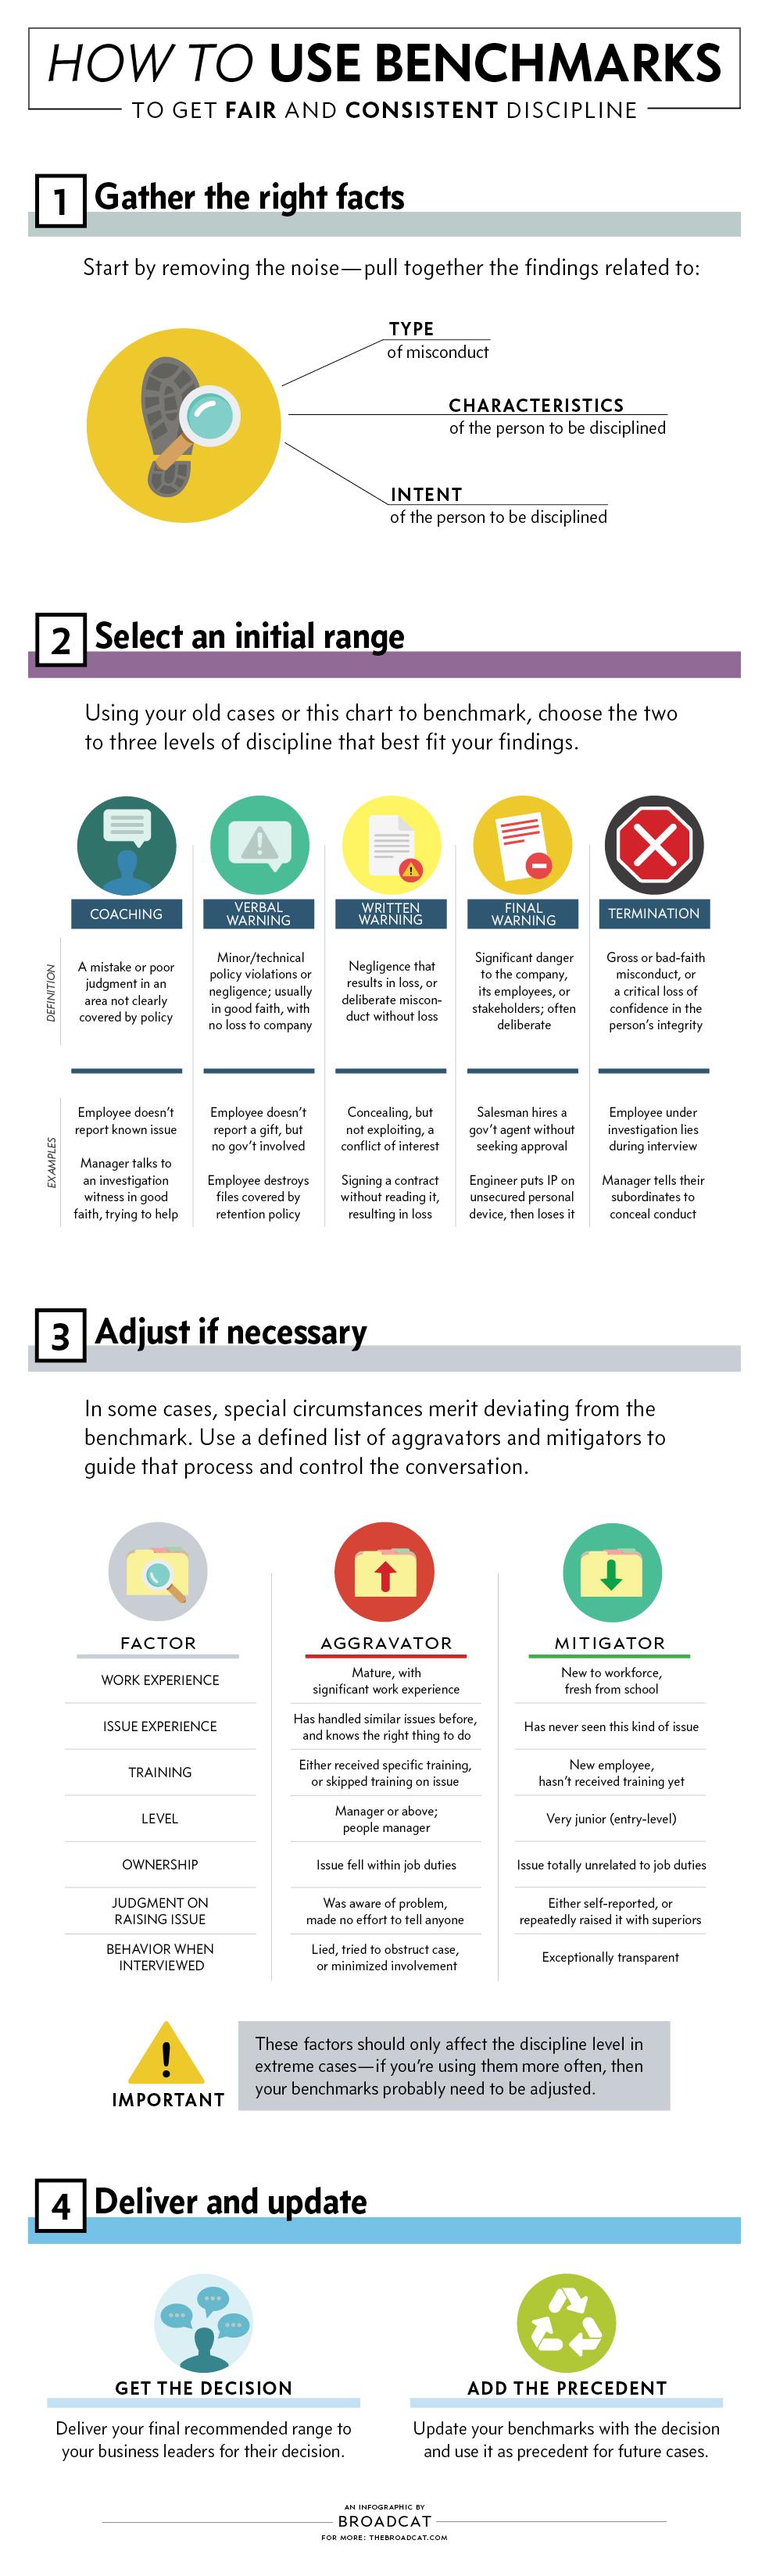 Benchmark Discipline Guidelines JPG2